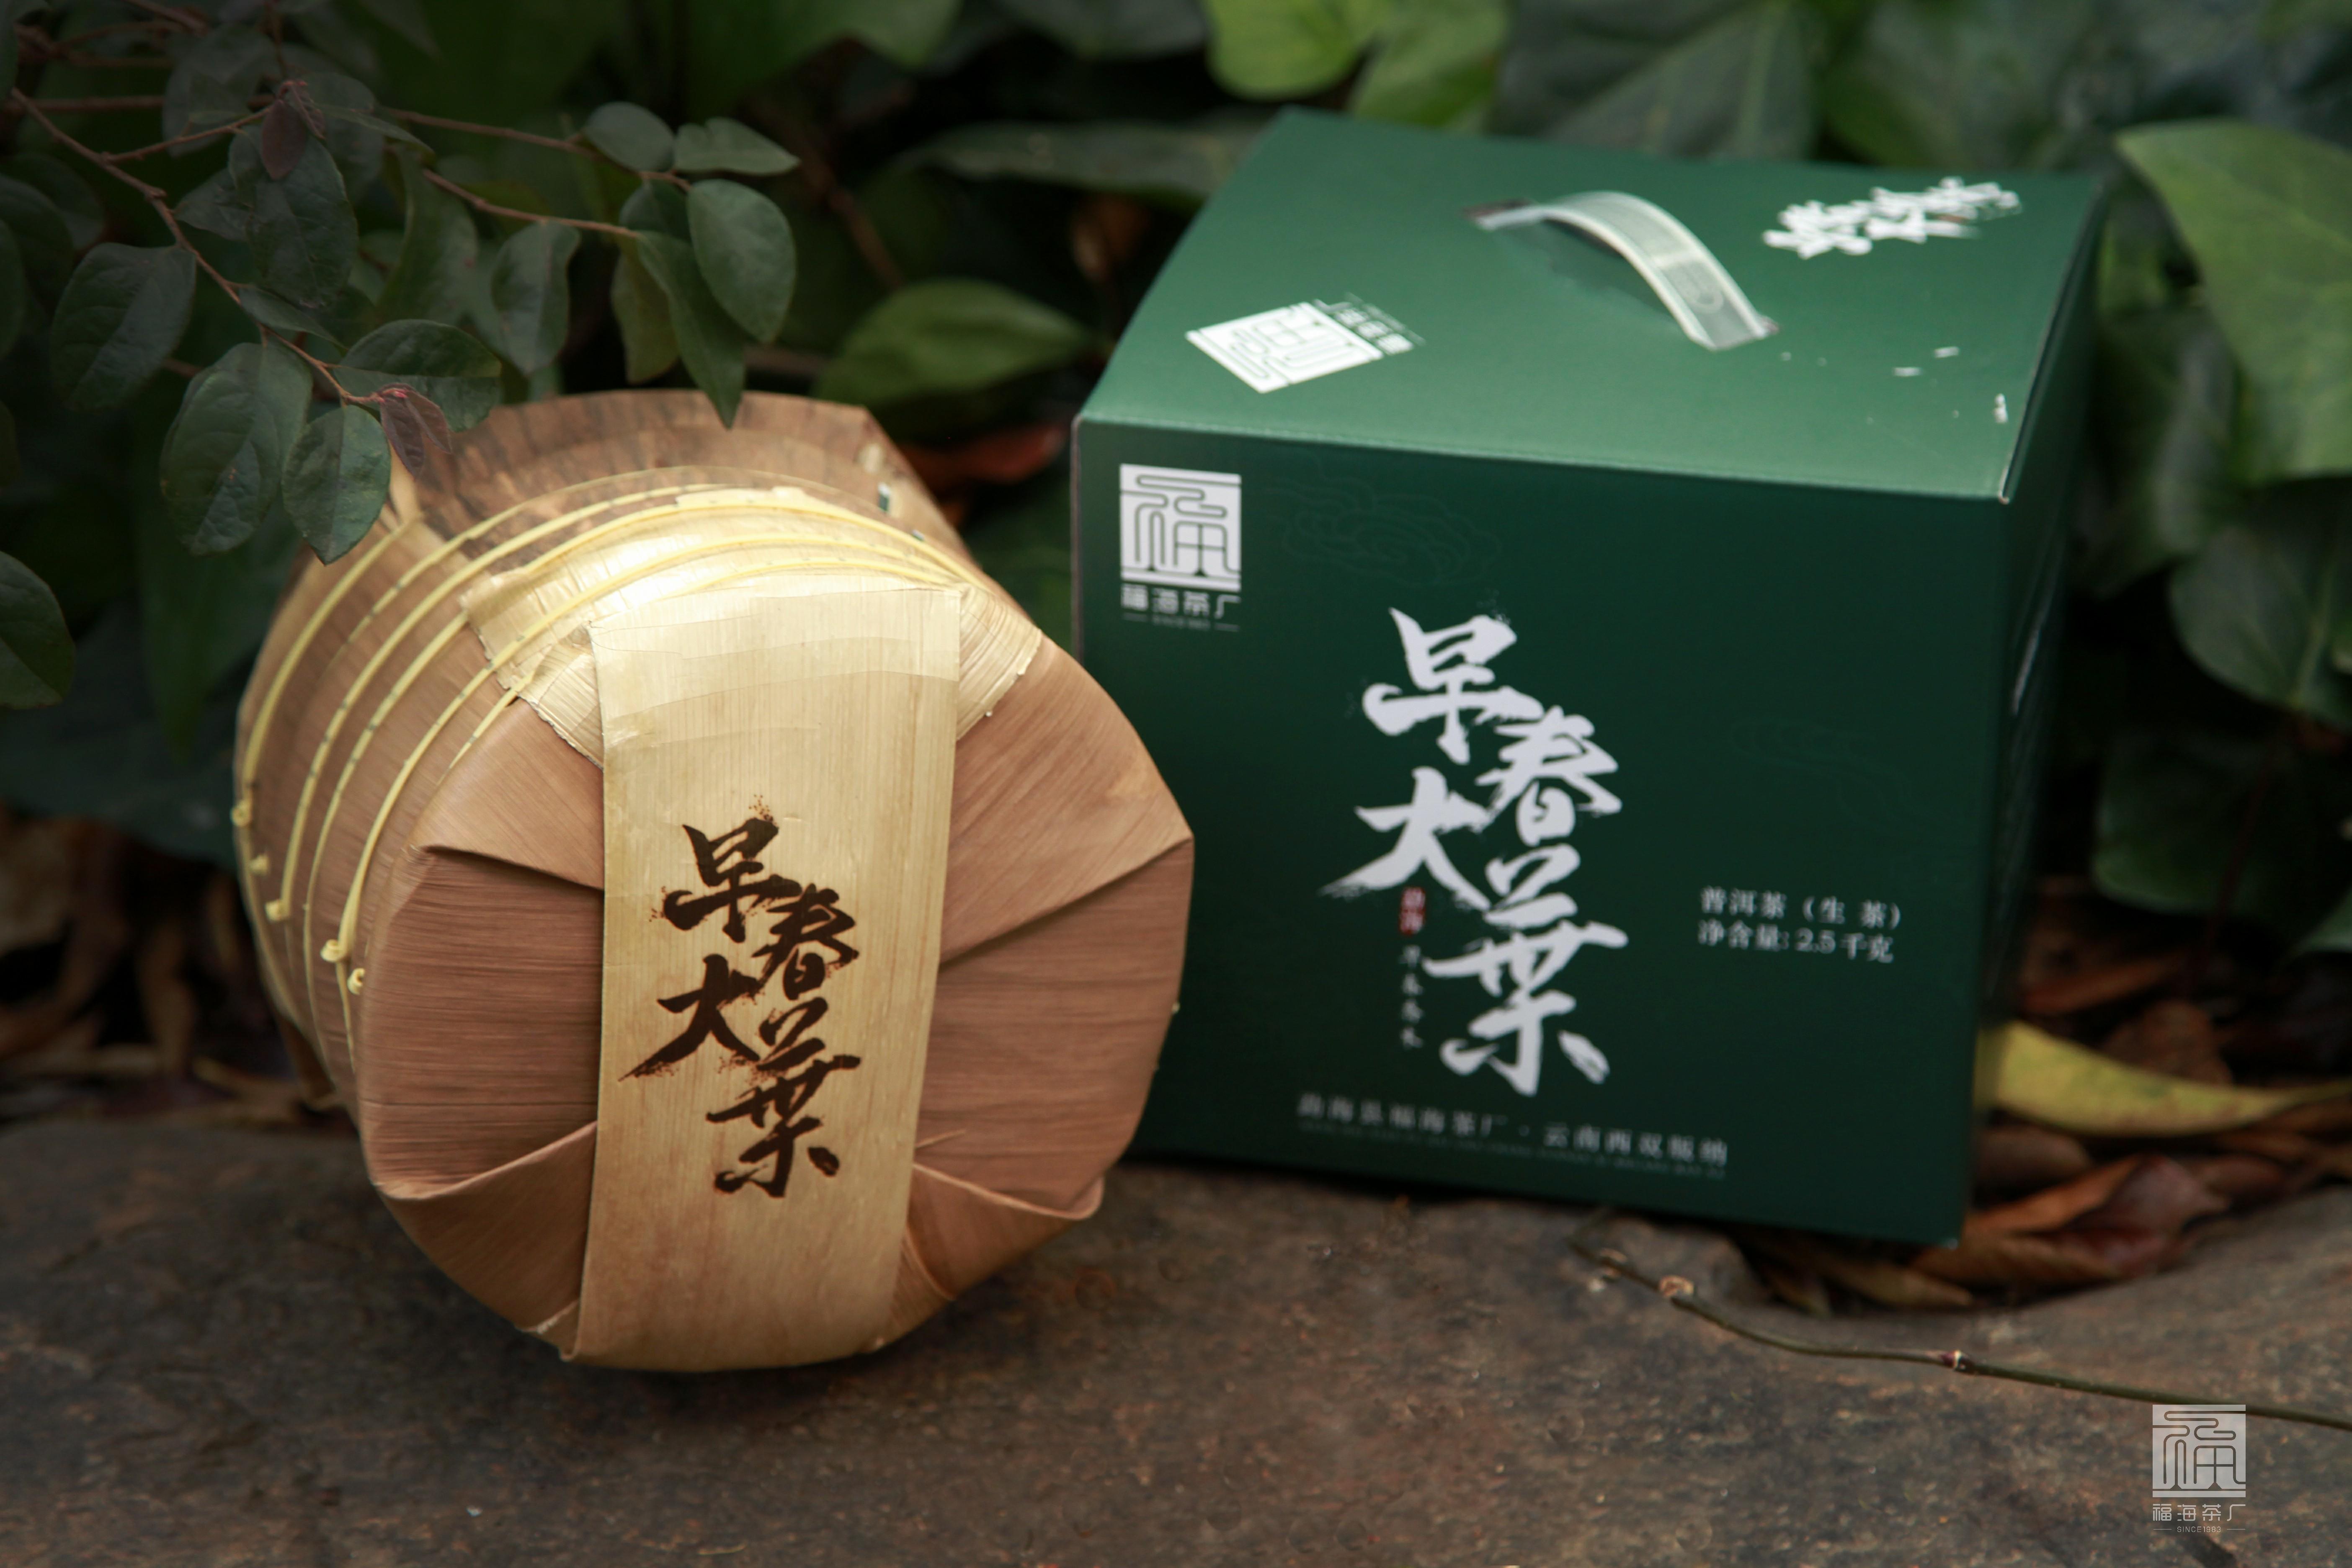 福海勐海县福海茶厂_企业新闻 - 勐海县福海茶厂官方网站